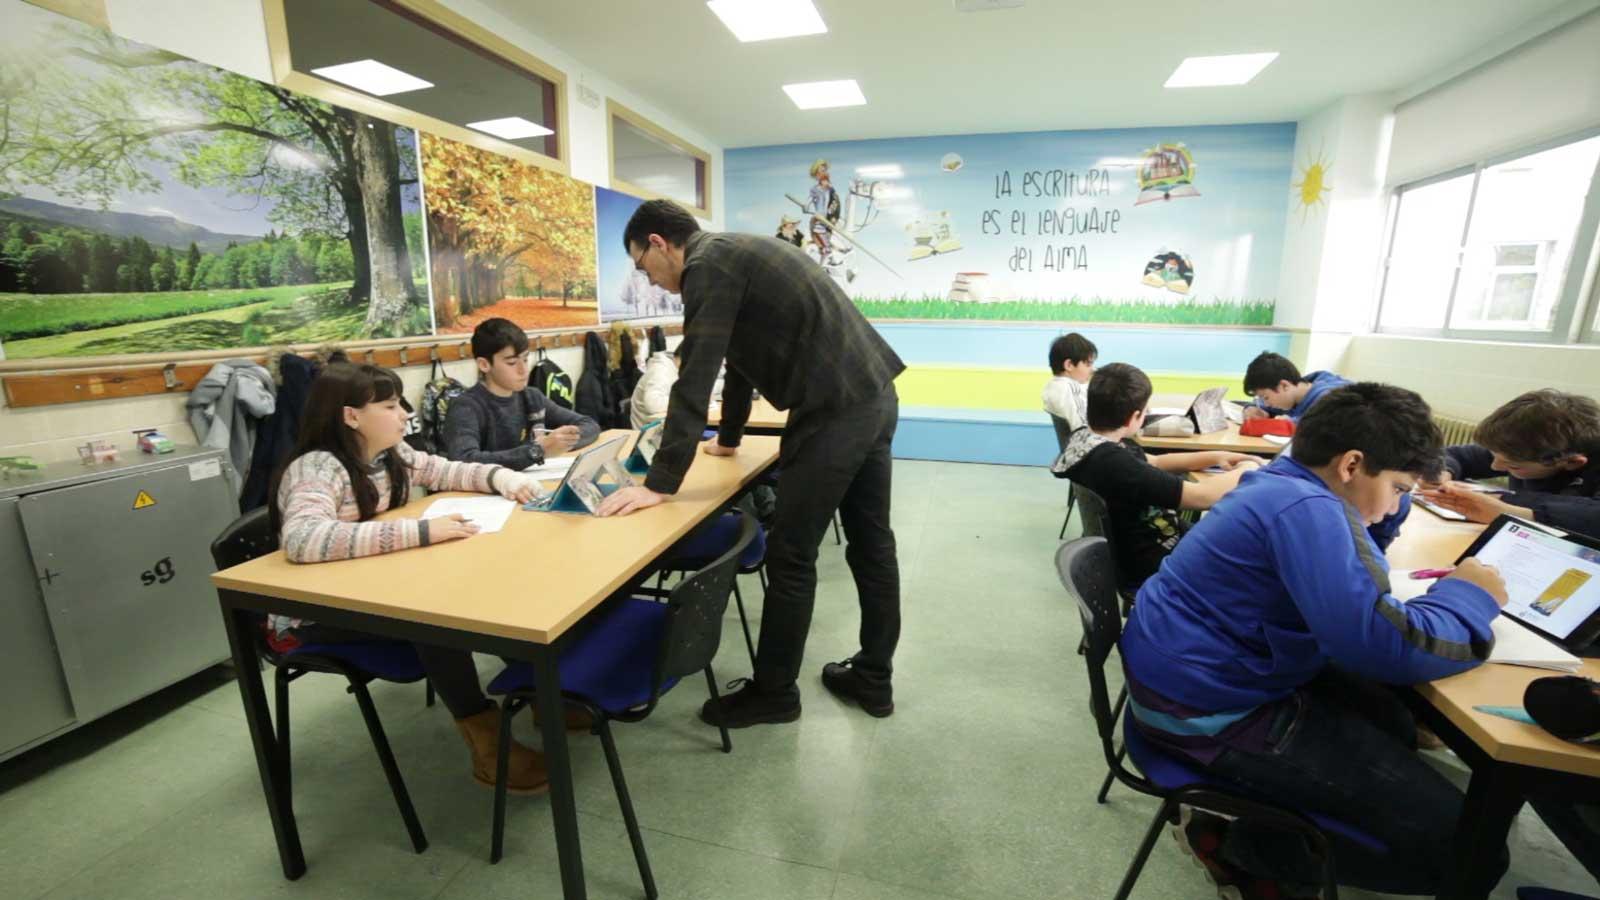 Aula-Laboratorio-de-Aprendizaje-Colegio-San-Gabriel-04